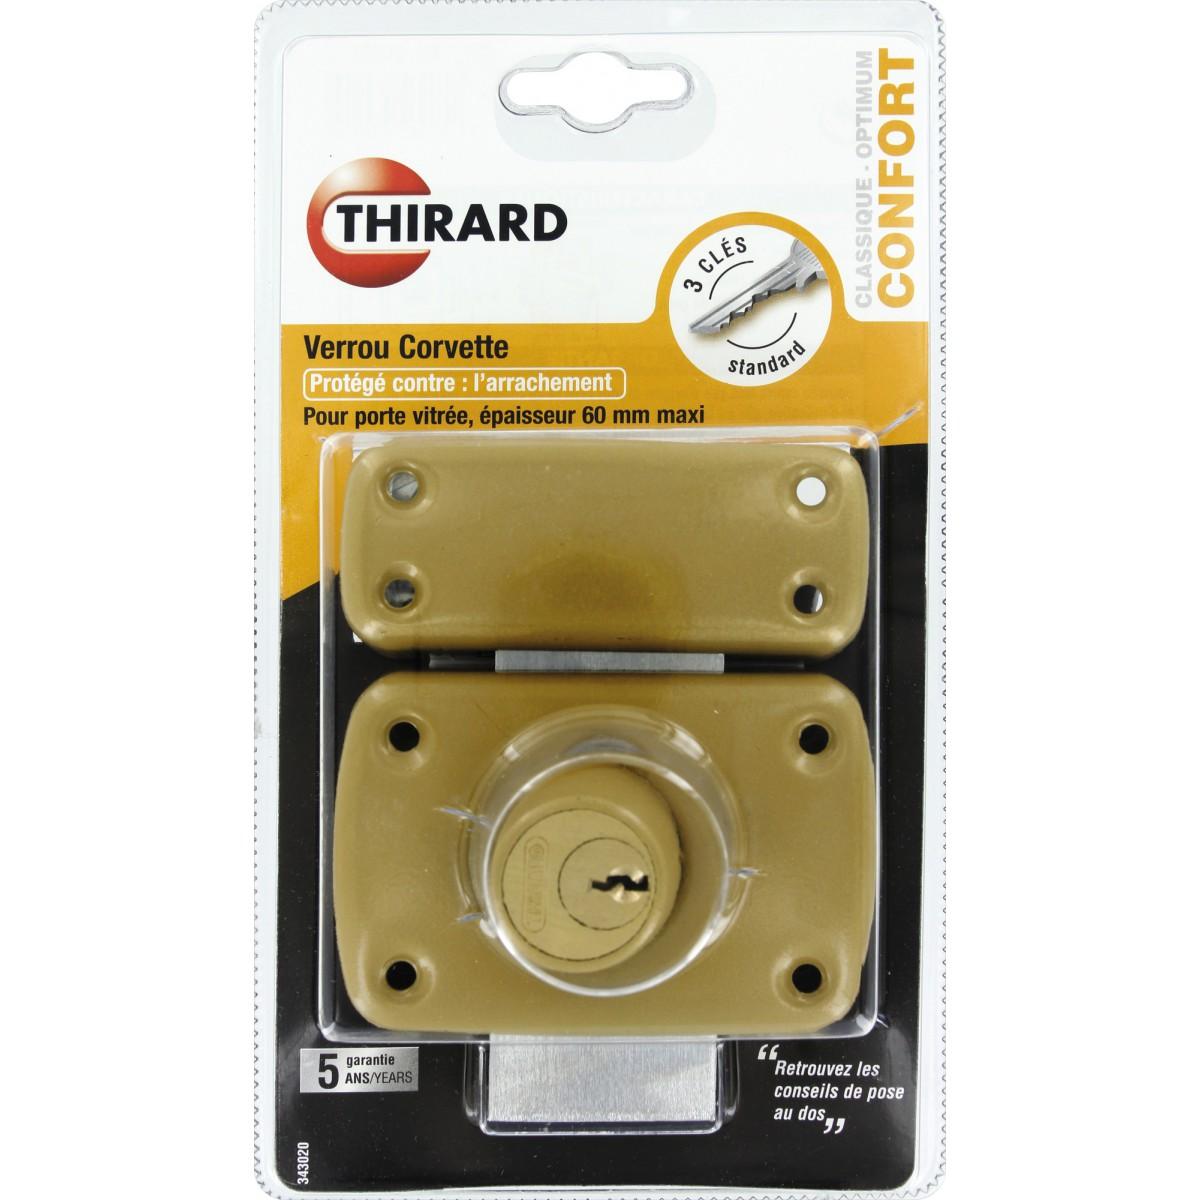 Verrou de sureté à cylindre double série Mirage Thirard - Dimensions 60 mm